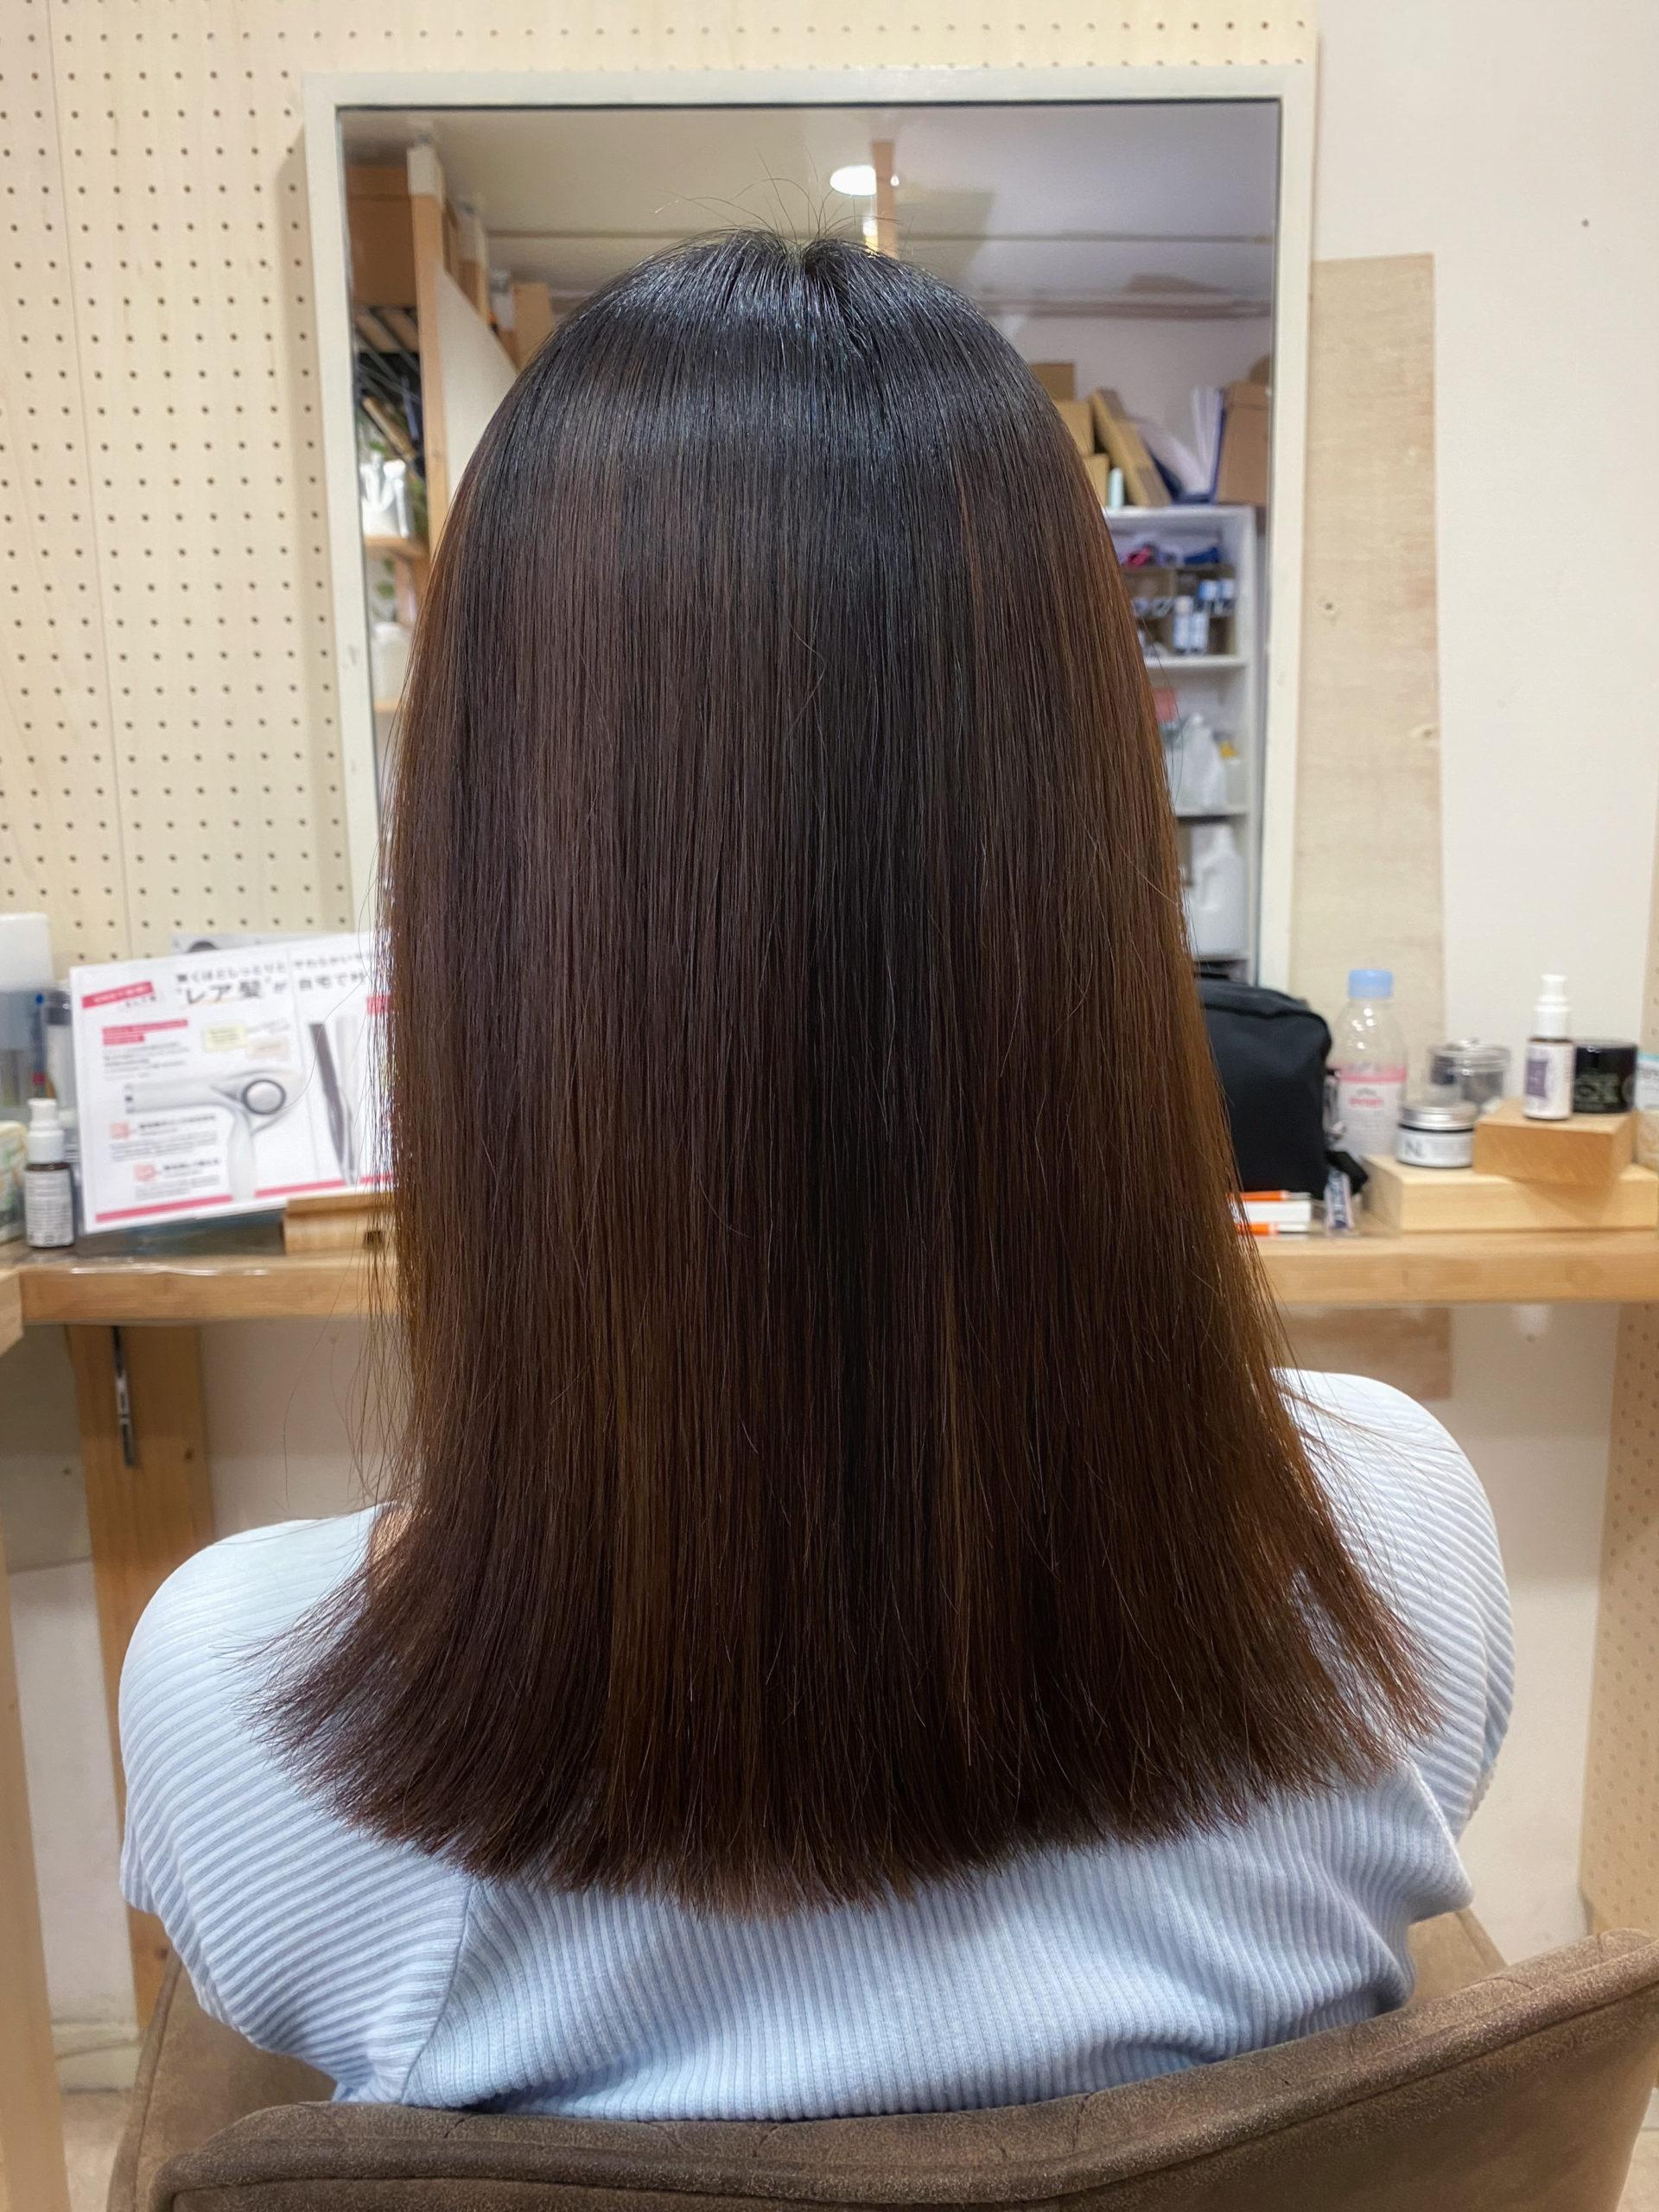 パーマとくせ毛を【ジュエリーシステム×LULUトリートメント×縮毛矯正】で艶髪ストレートヘア。原宿・表参道『髪のお悩みを解決するヘアケア美容師の挑戦』